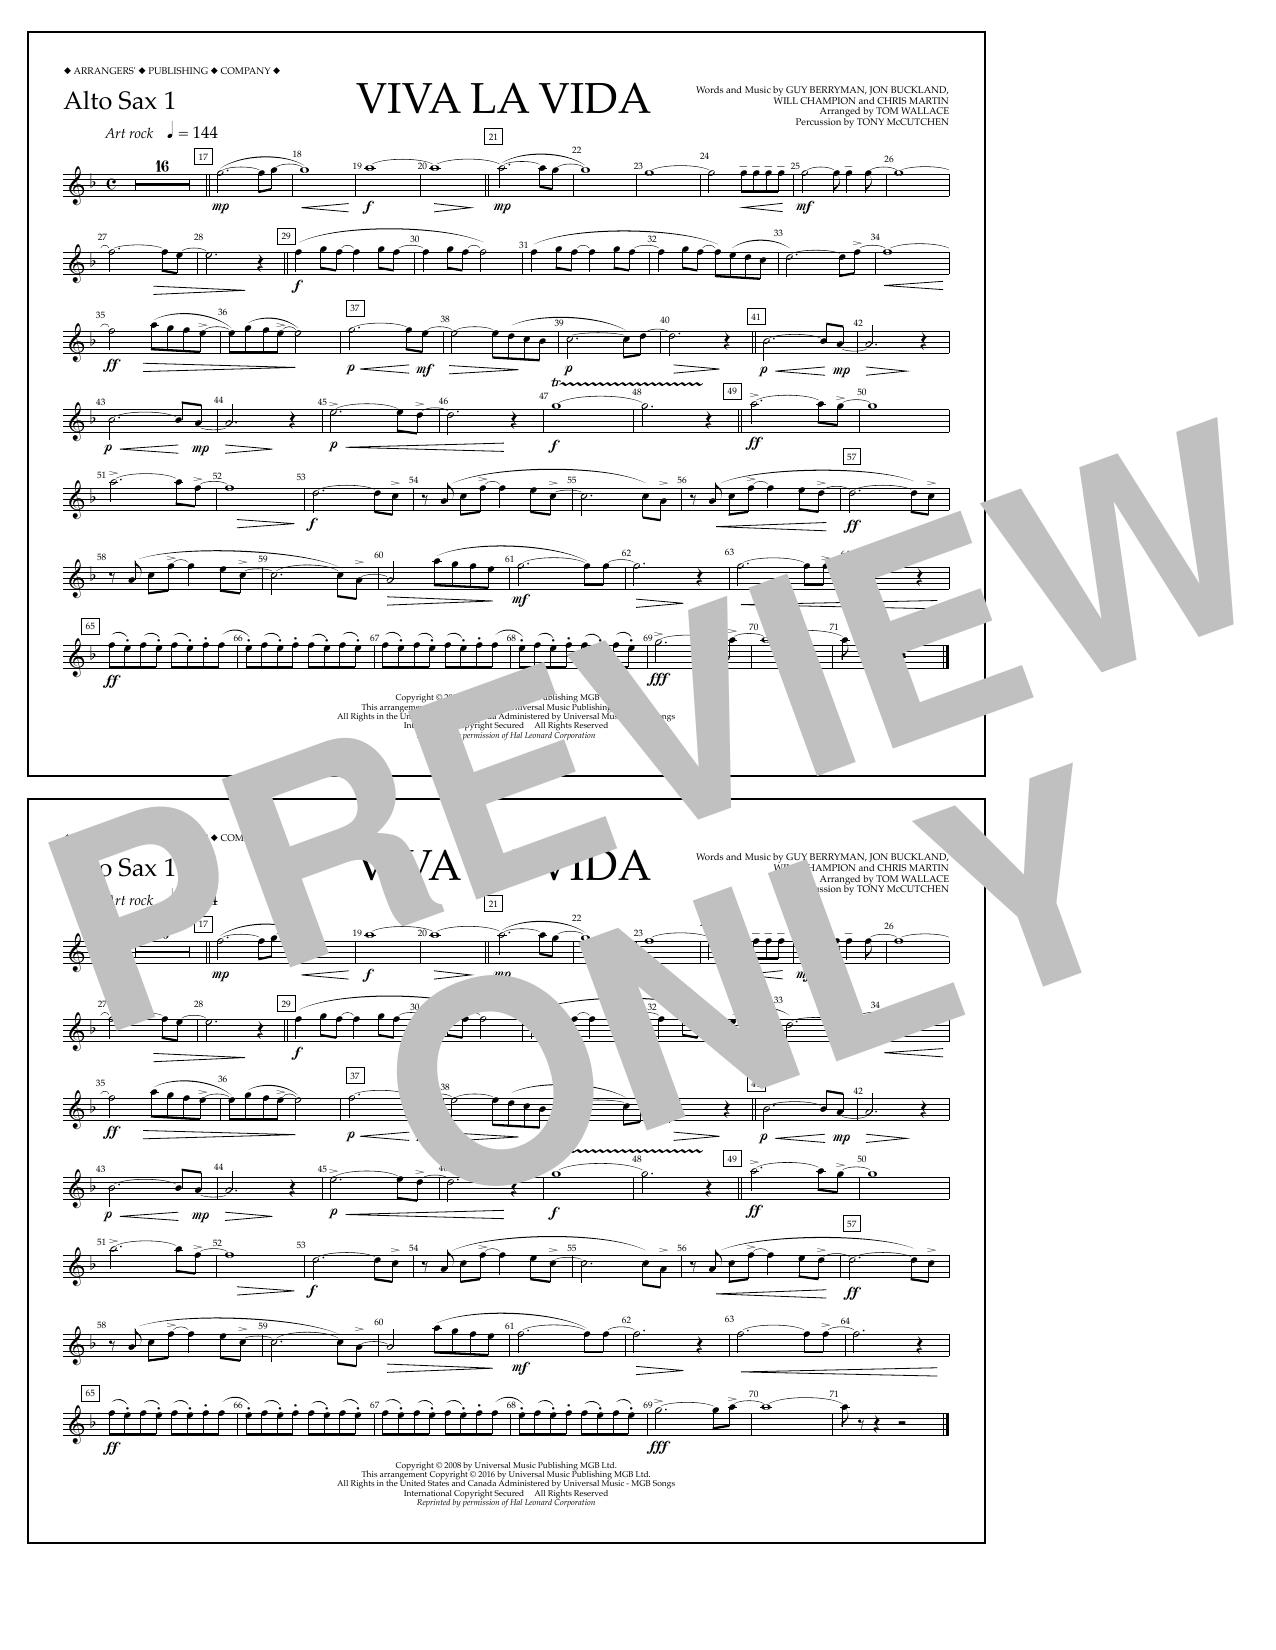 Coldplay - Viva La Vida - Alto Sax 1